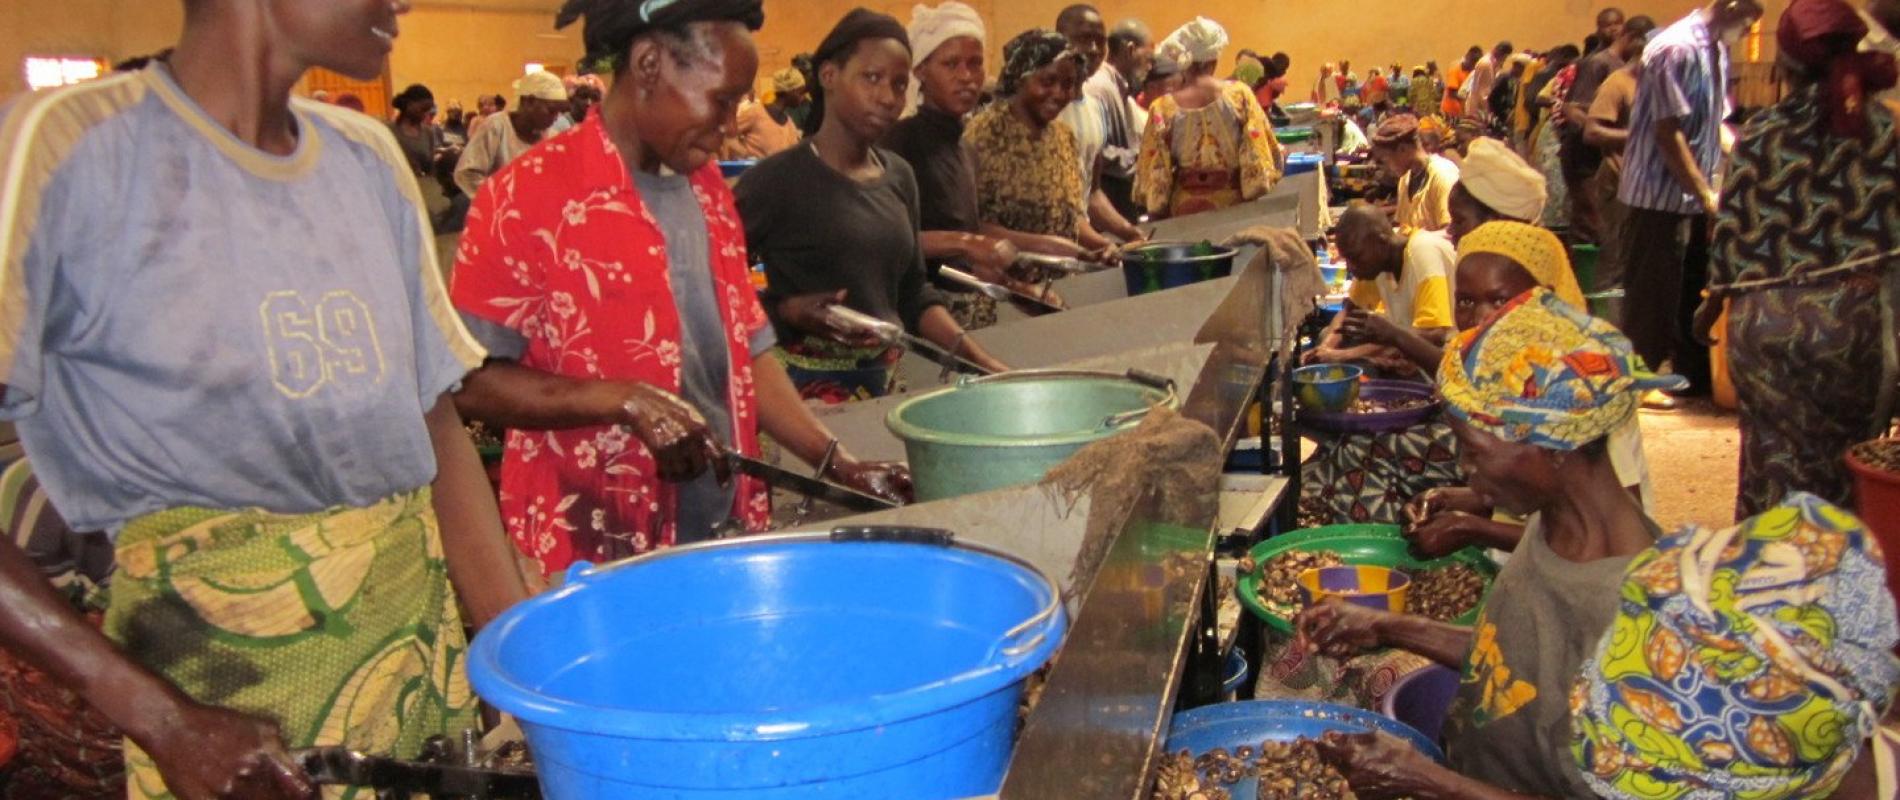 In de fabriek werken enkele tientallen mensen als notenkraker. Zijn kraken letterlijk de noten.